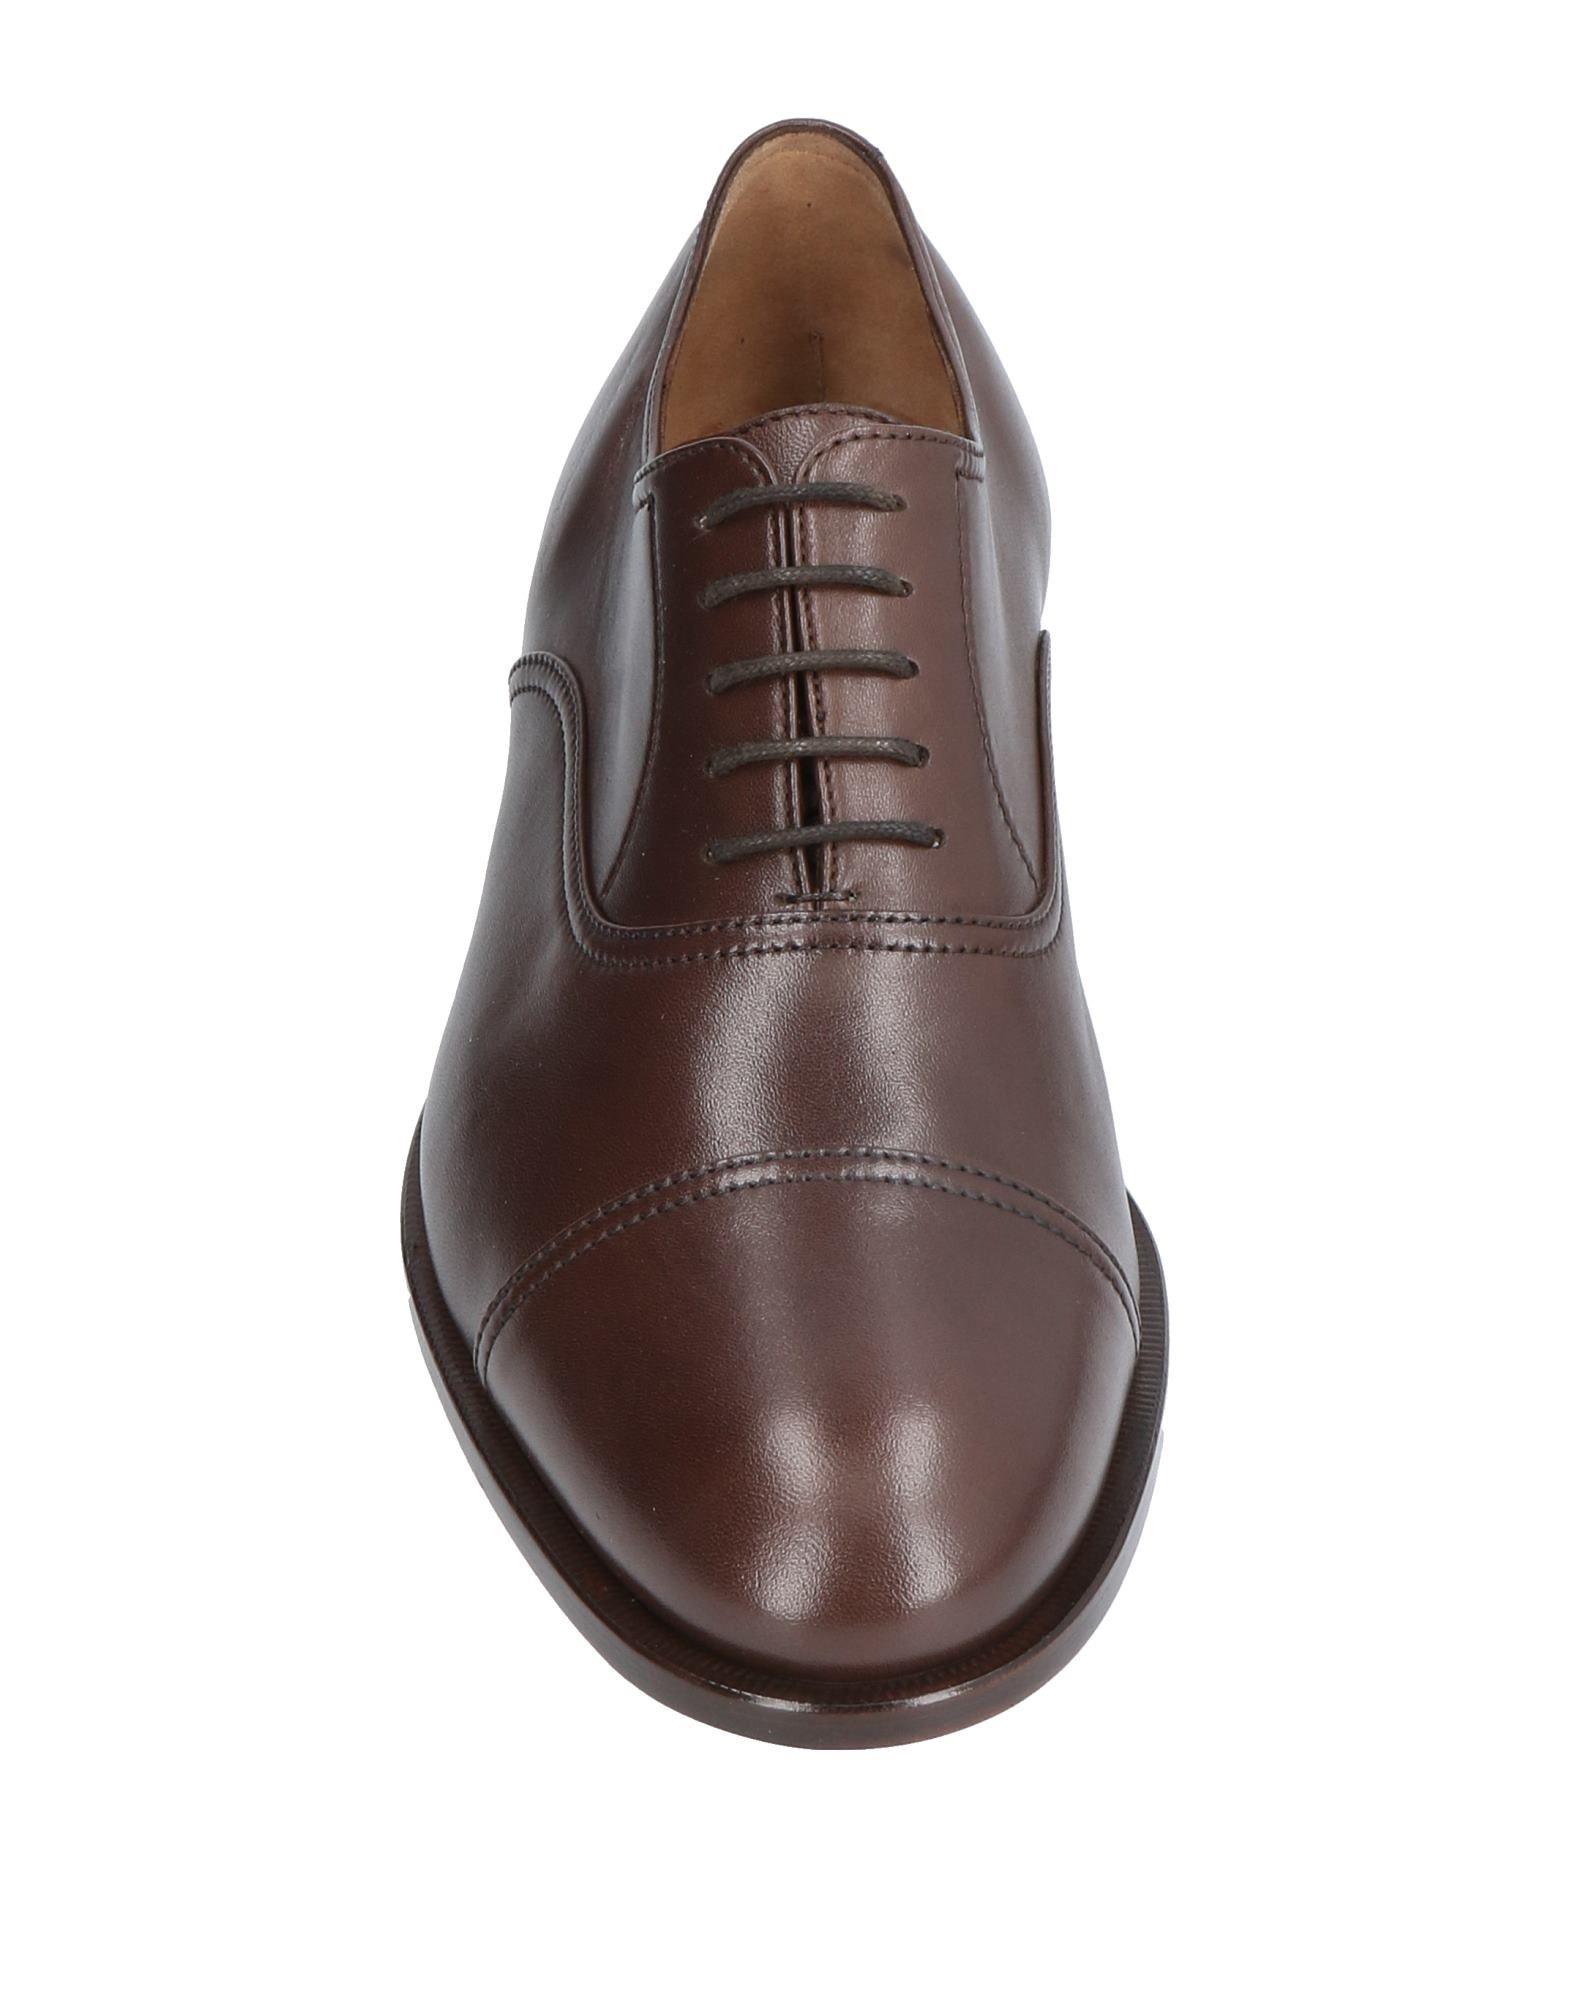 Fratelli Rossetti Schnürschuhe Herren  11440571IM Gute Qualität beliebte Schuhe